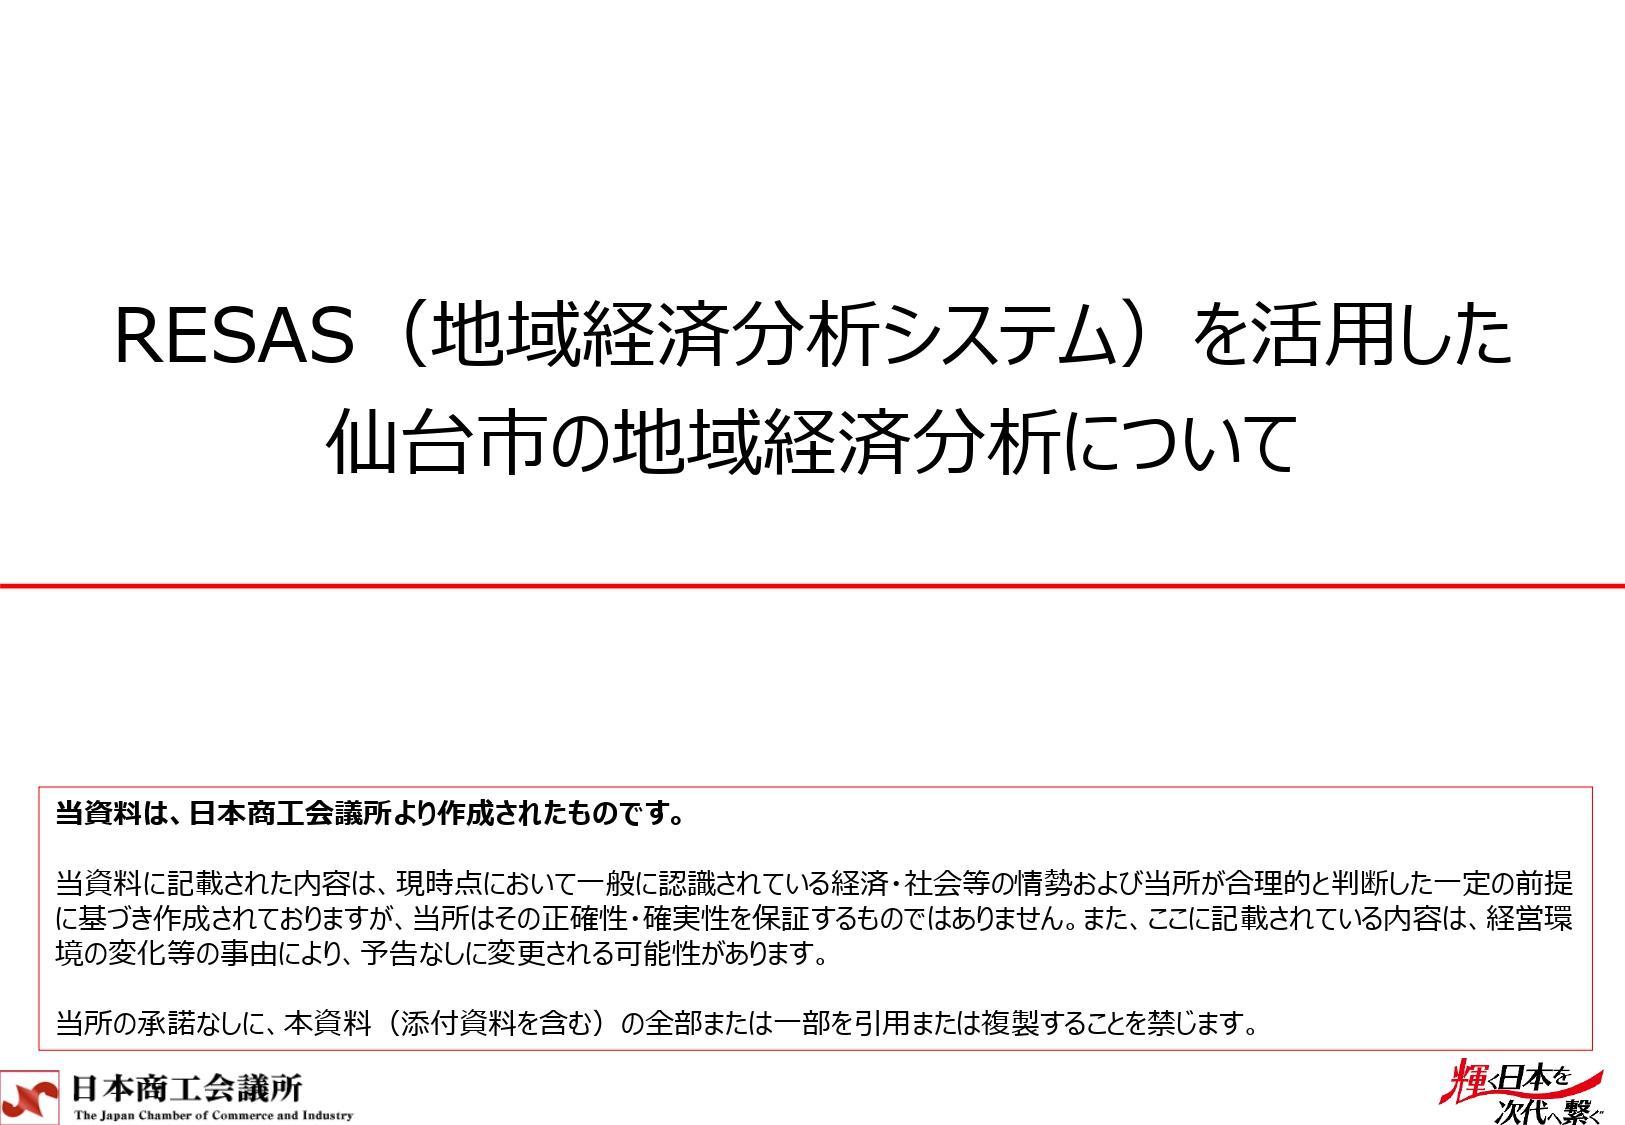 resas_sendai.jpg